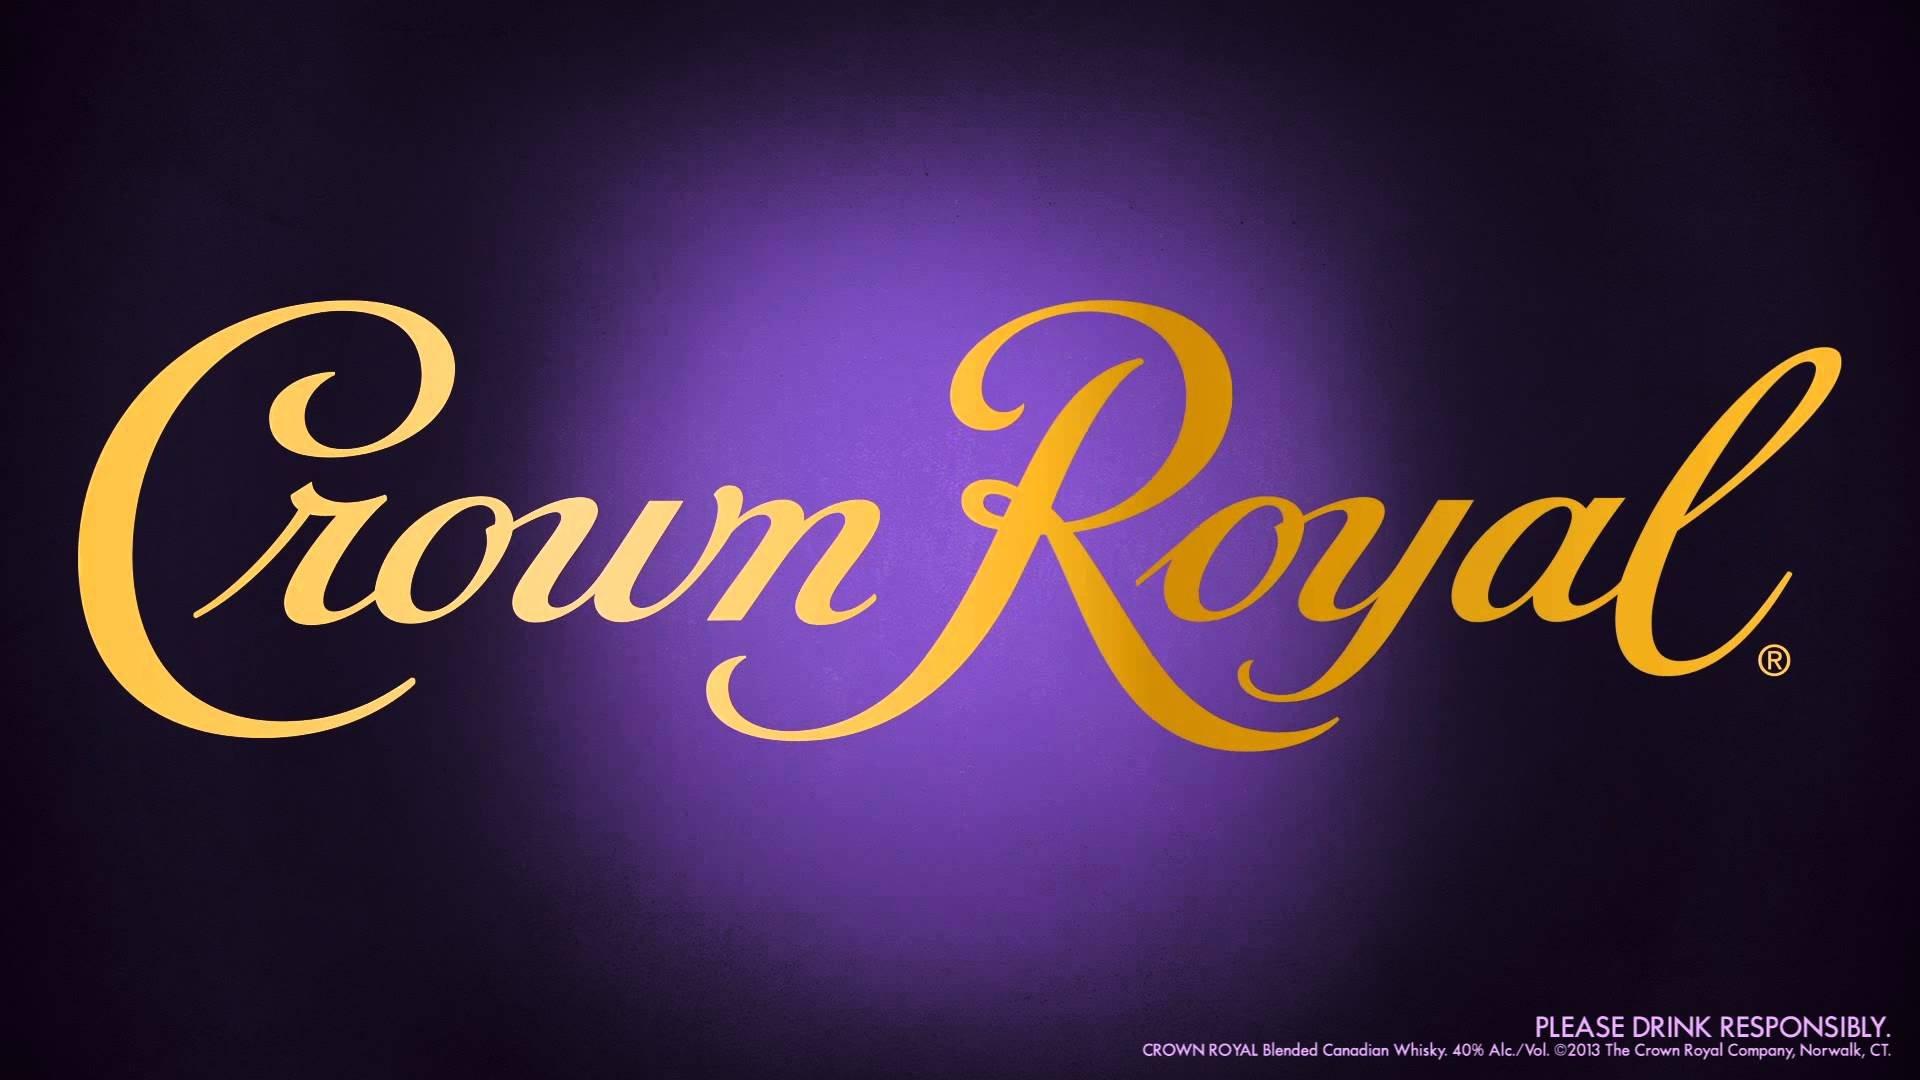 Crown Royal Wallpaper 1920x1080